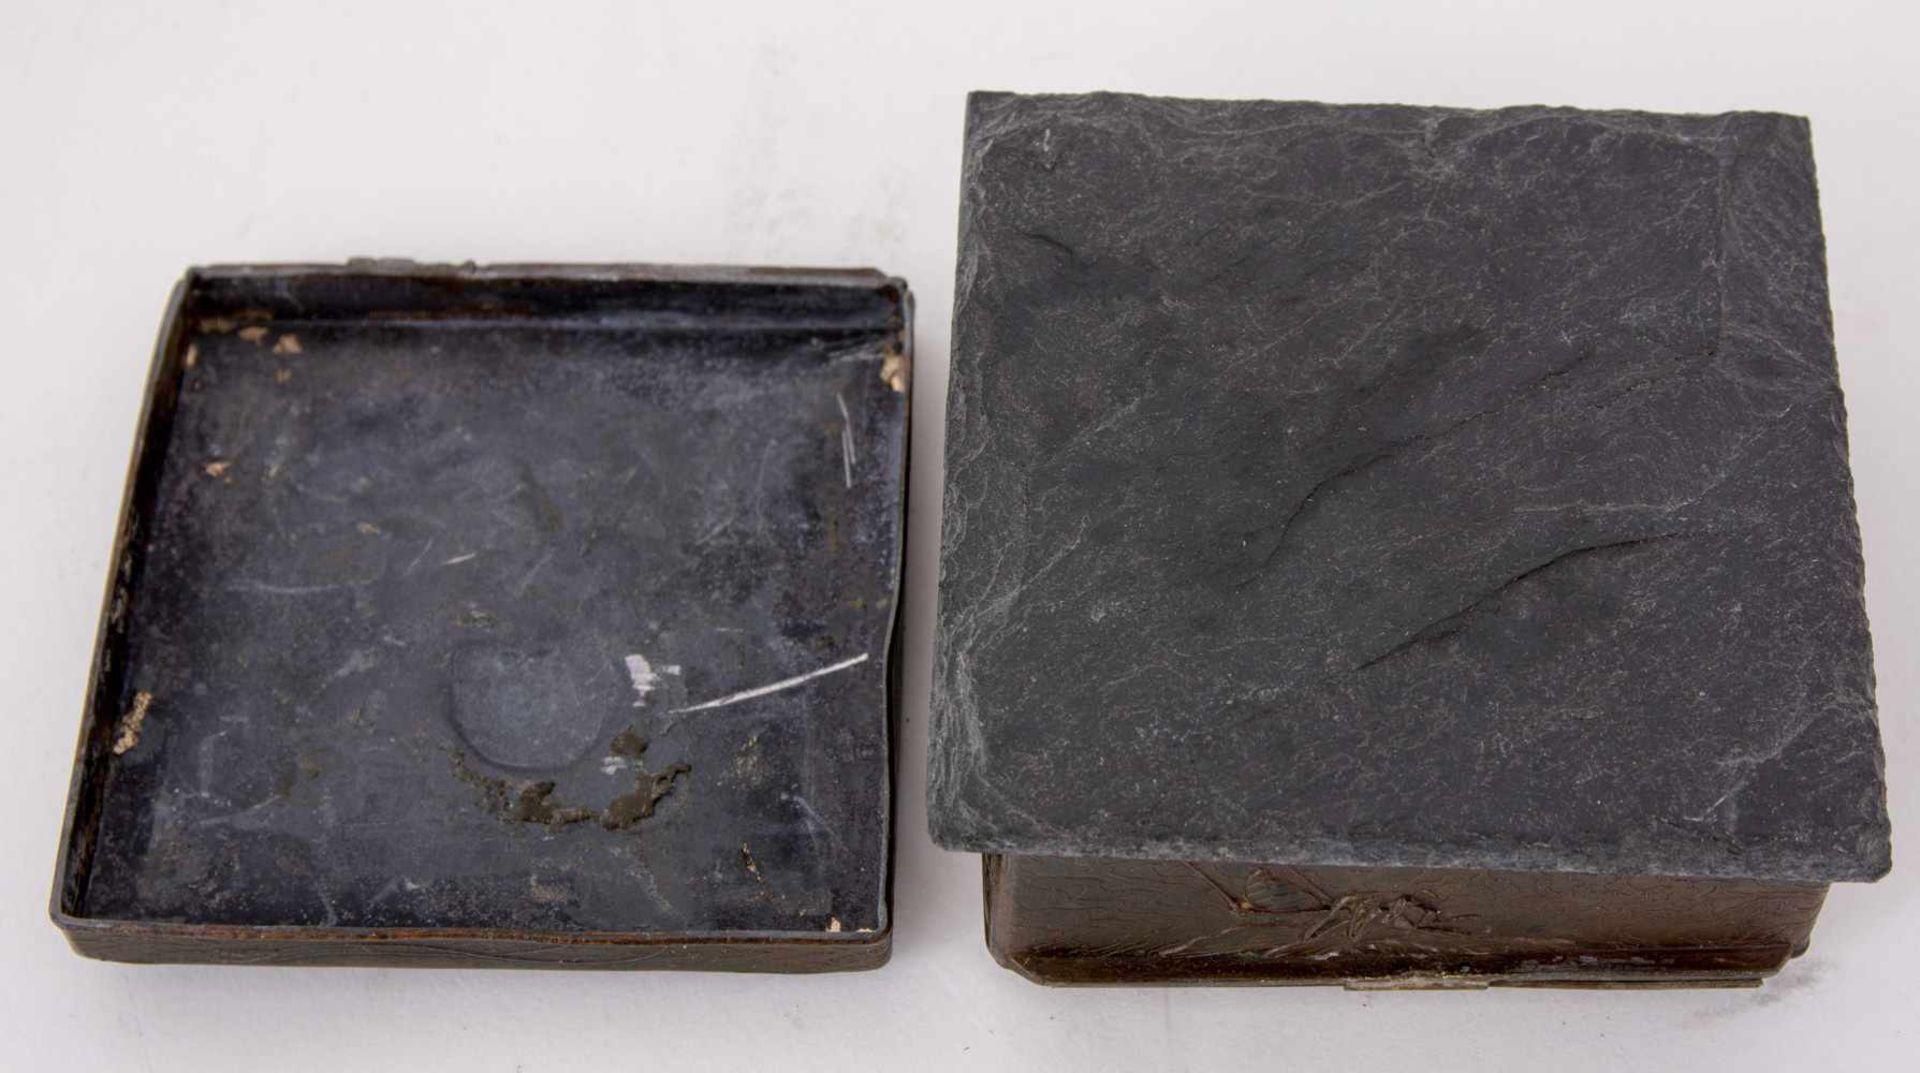 Los 15 - KONVOLUT, vier orientalische Objekte, Metall/Bronze, 20. Jahrhundert. Vier Objekte aus dem Orient,